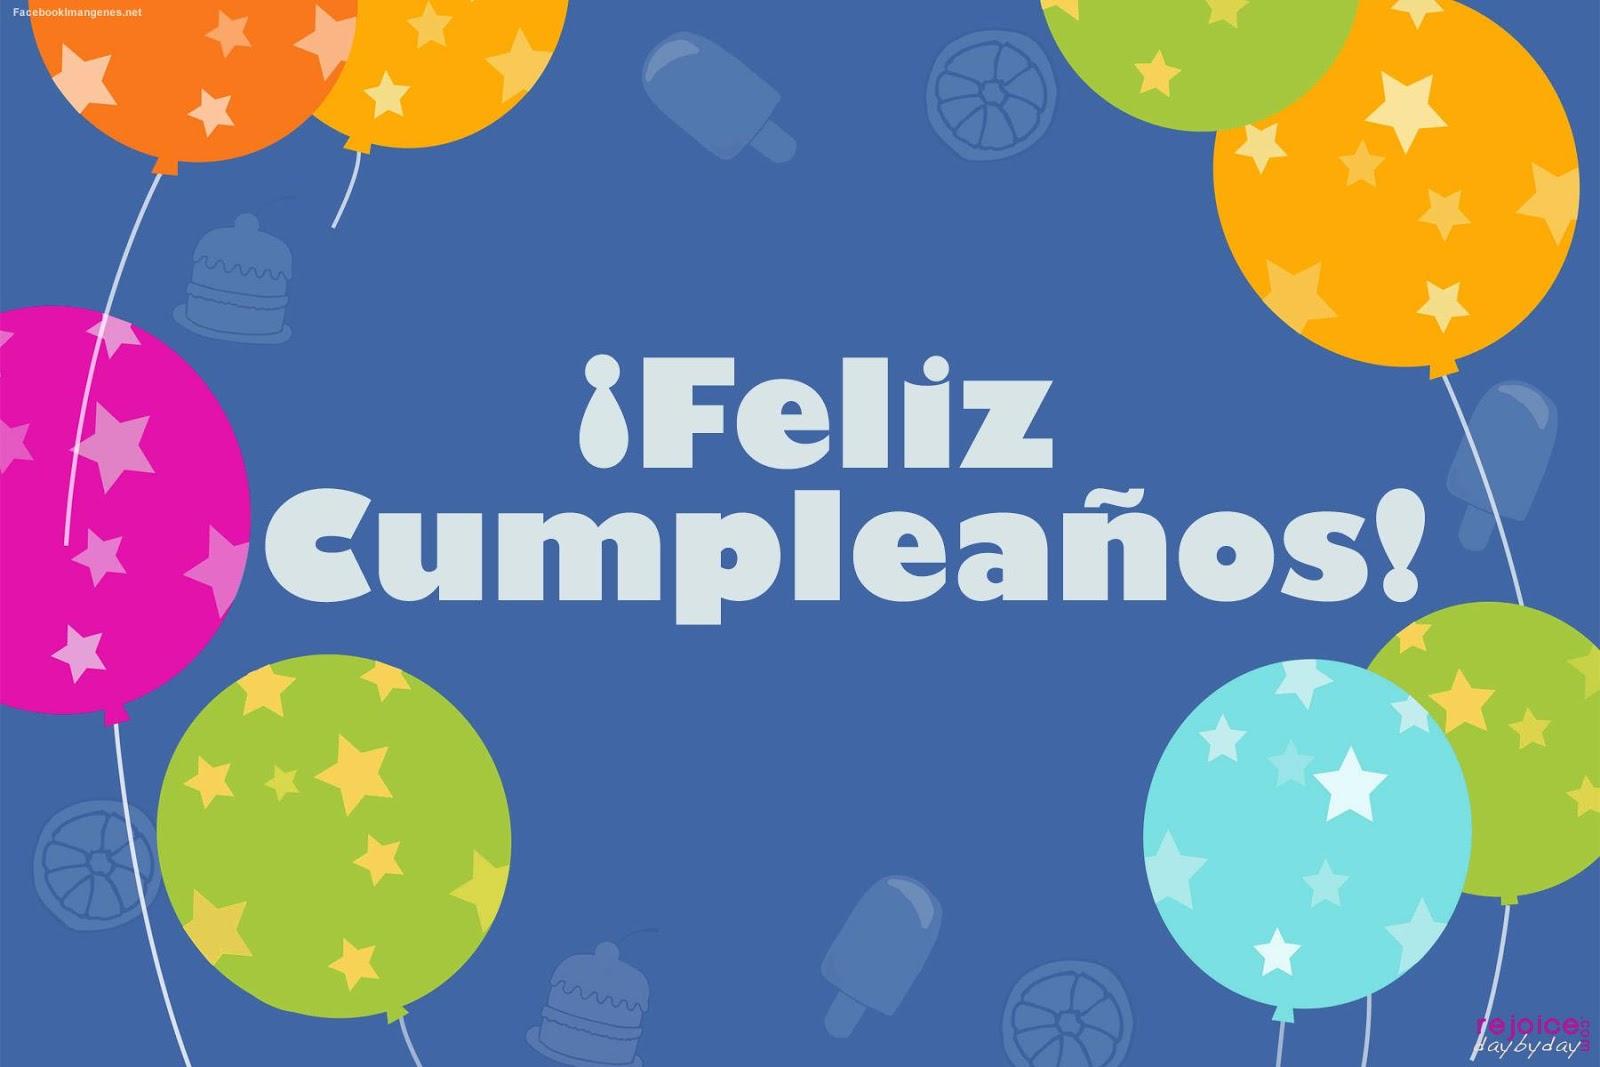 Felicitaciones de cumpleaños a un hijo